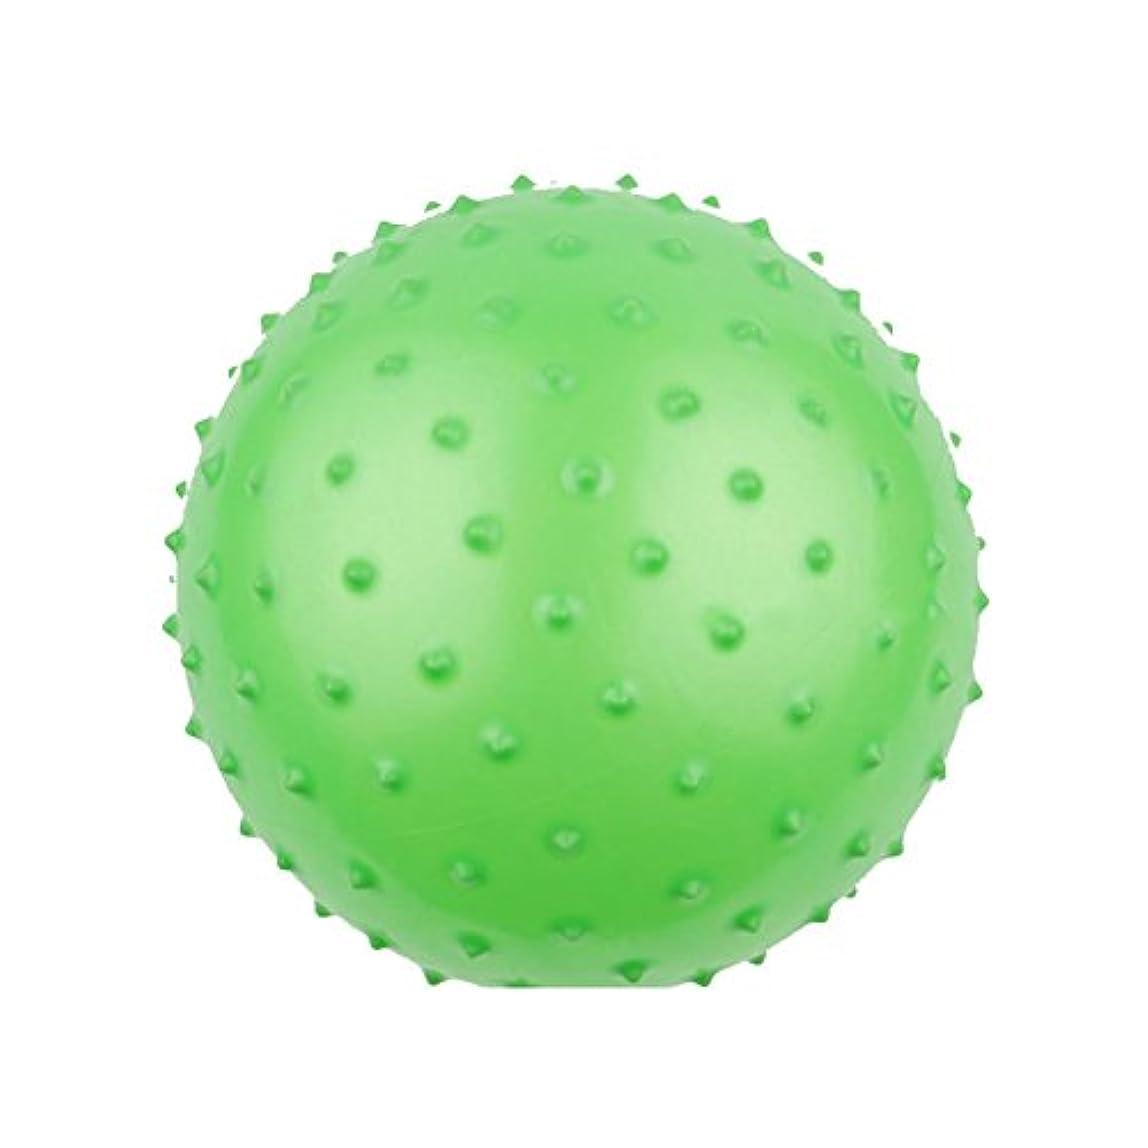 マエストロエロチック証人Liebeye 野球ボール 素敵な野球ボールマッサージボールキッズインフレータブルおもちゃのギフト装飾品(ランダムカラー) 28cmマッサージボール